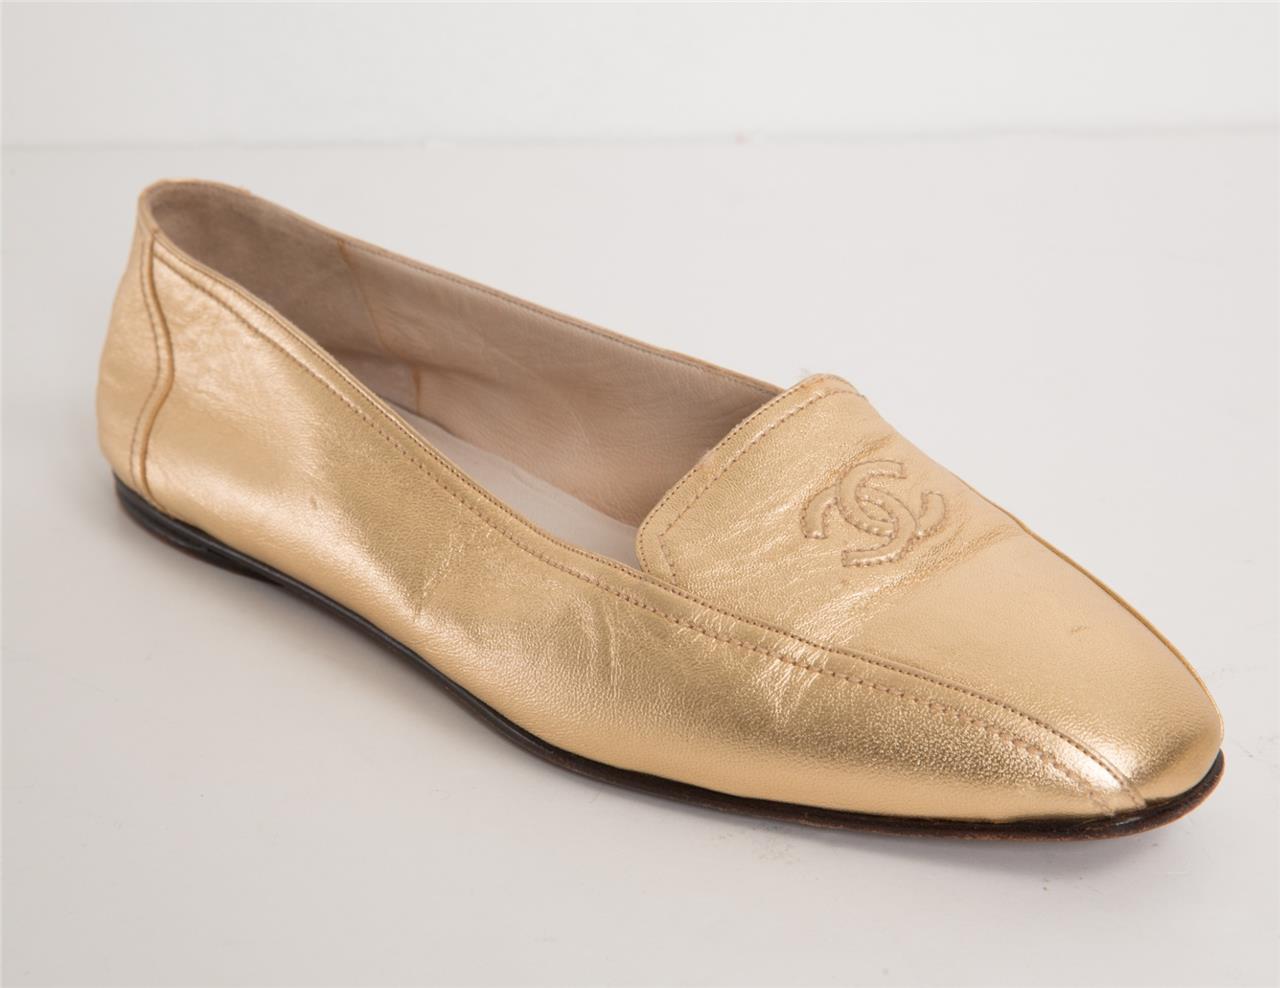 el más nuevo 58a46 3fb4f Detalles de Chanel Mujer Dorado Cuero Metalizado cc Logo Bordado Mocasines  Zapatos Planos